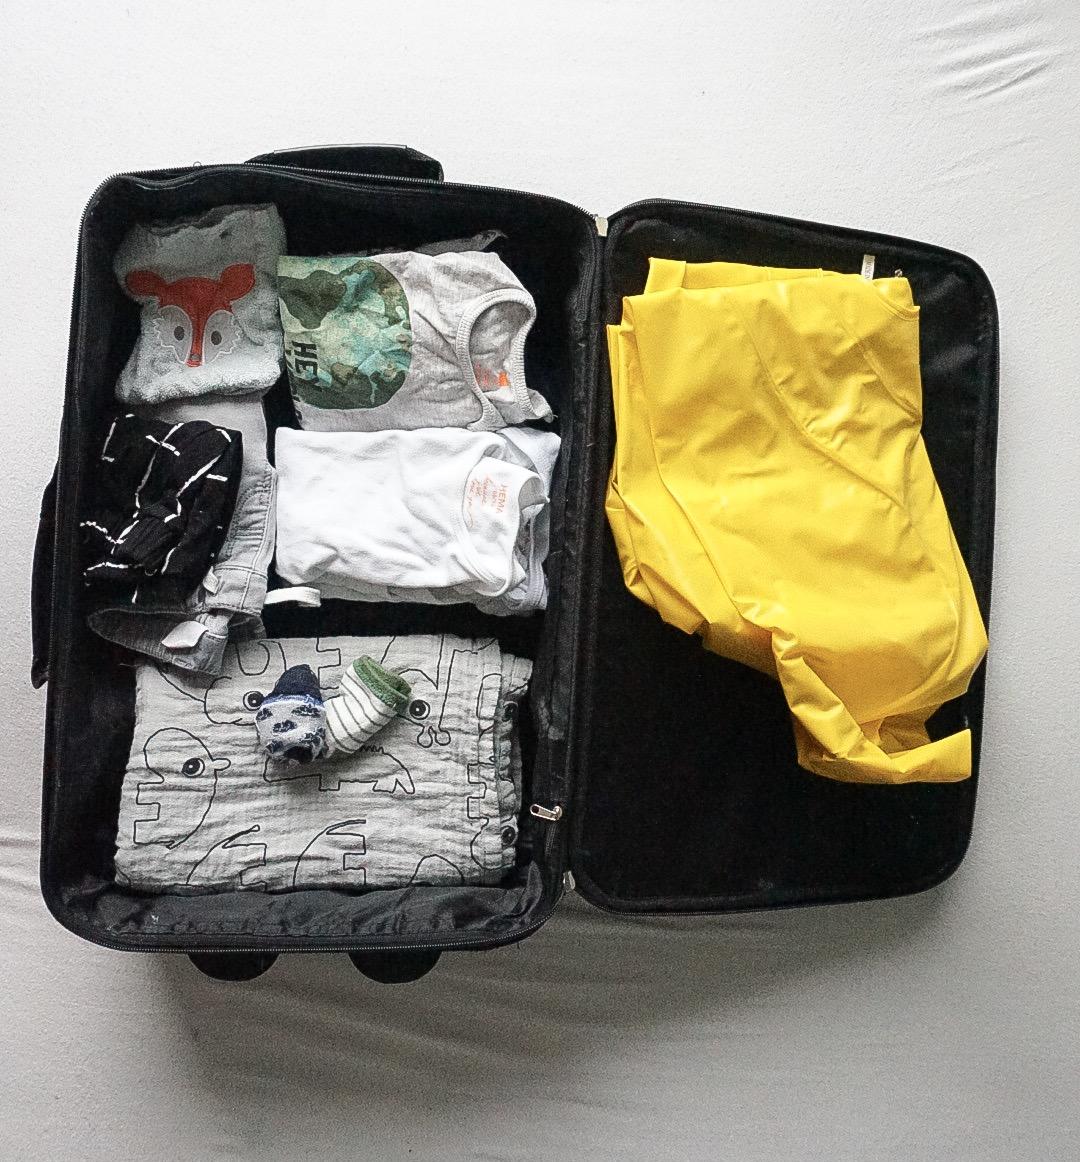 Ingepakte koffer voor een tweeling